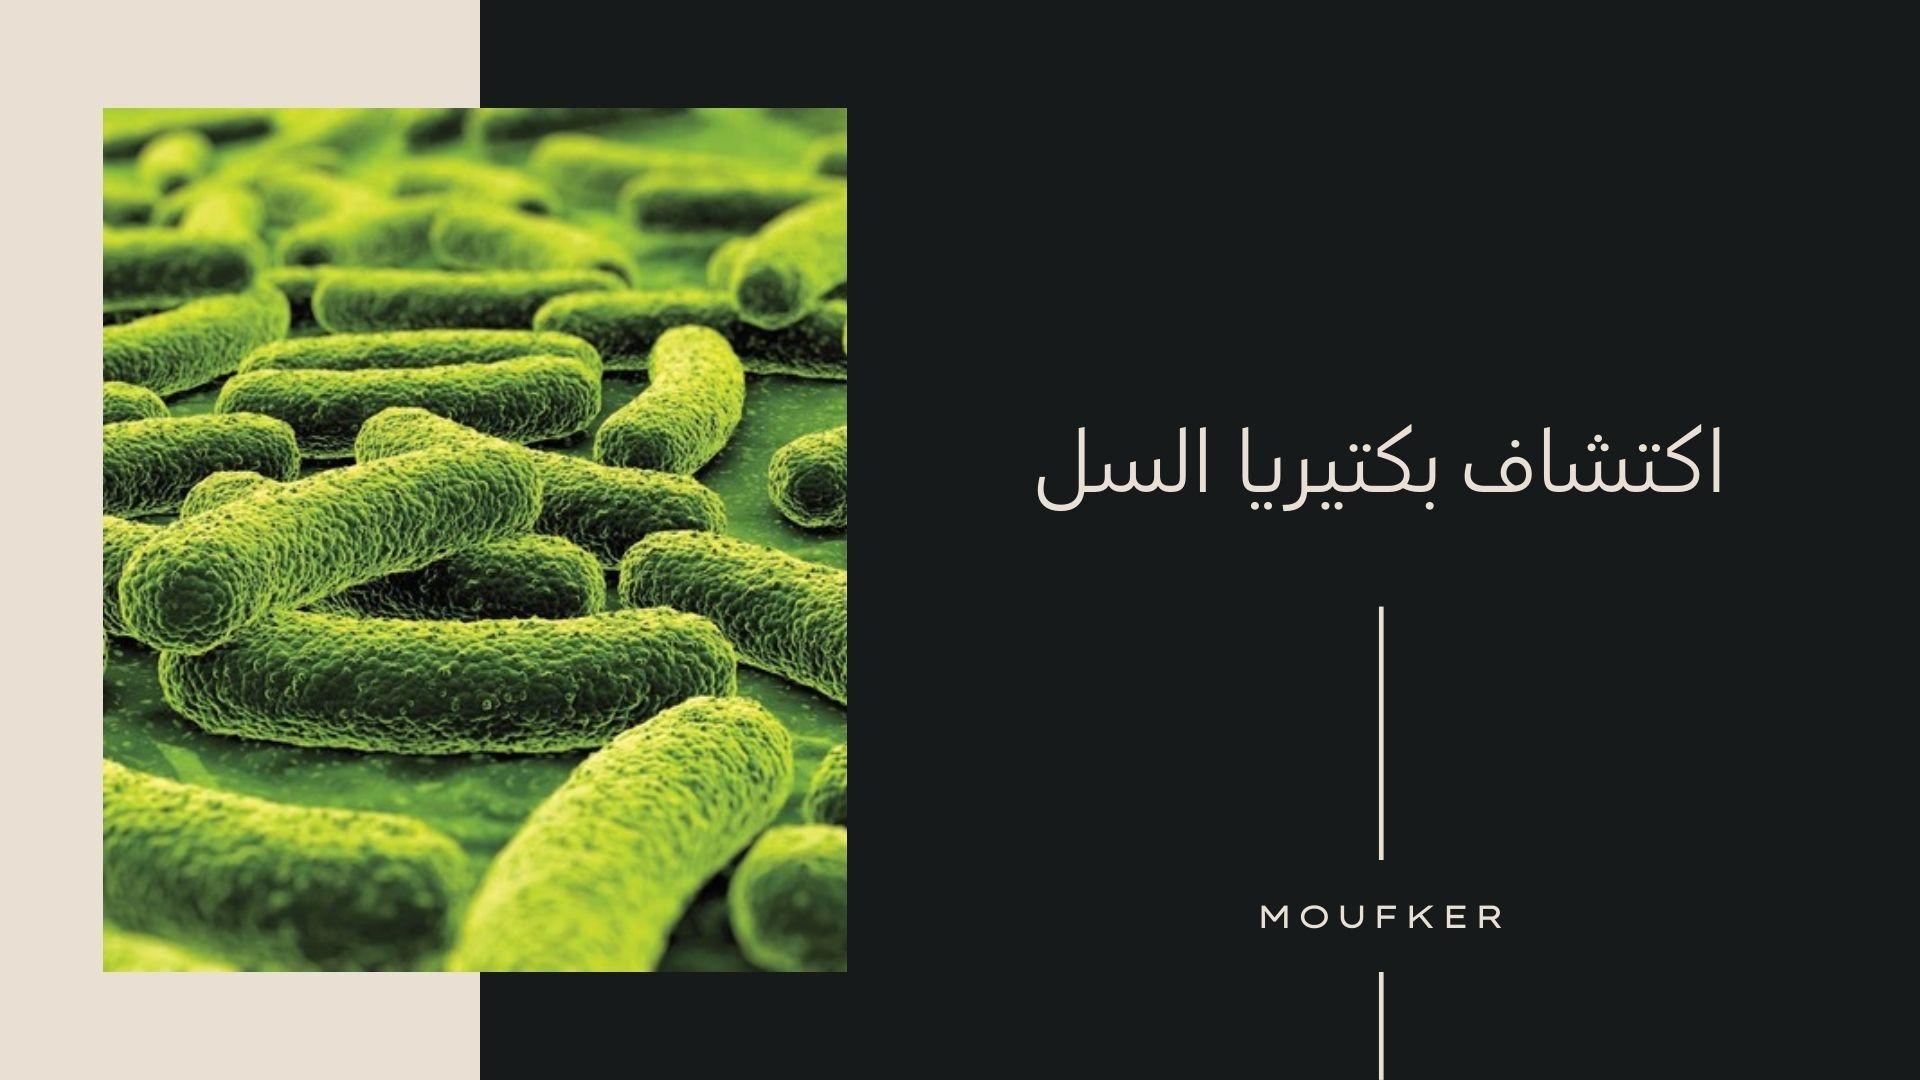 اكتشاف بكتيريا الجمرة الخبيثة